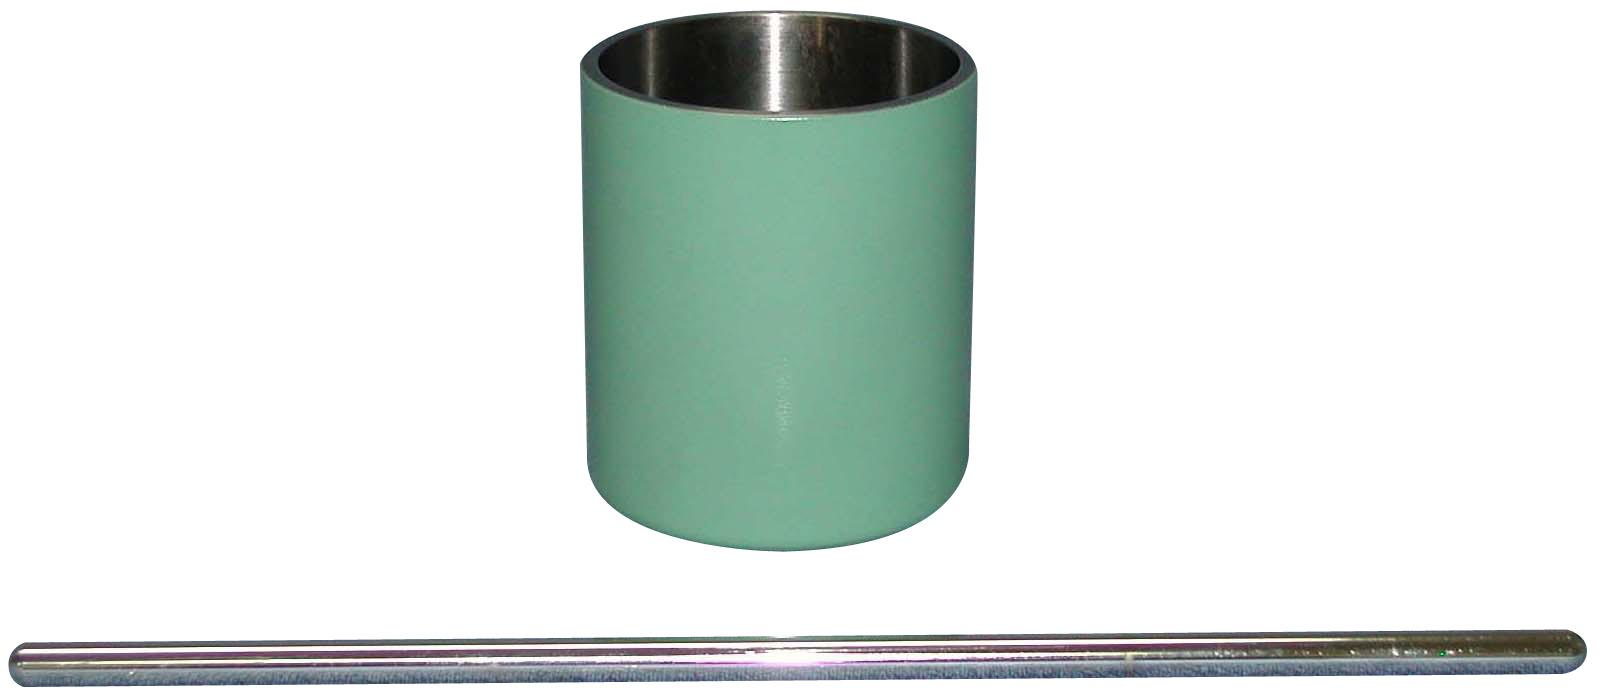 モルタル容器及び突棒